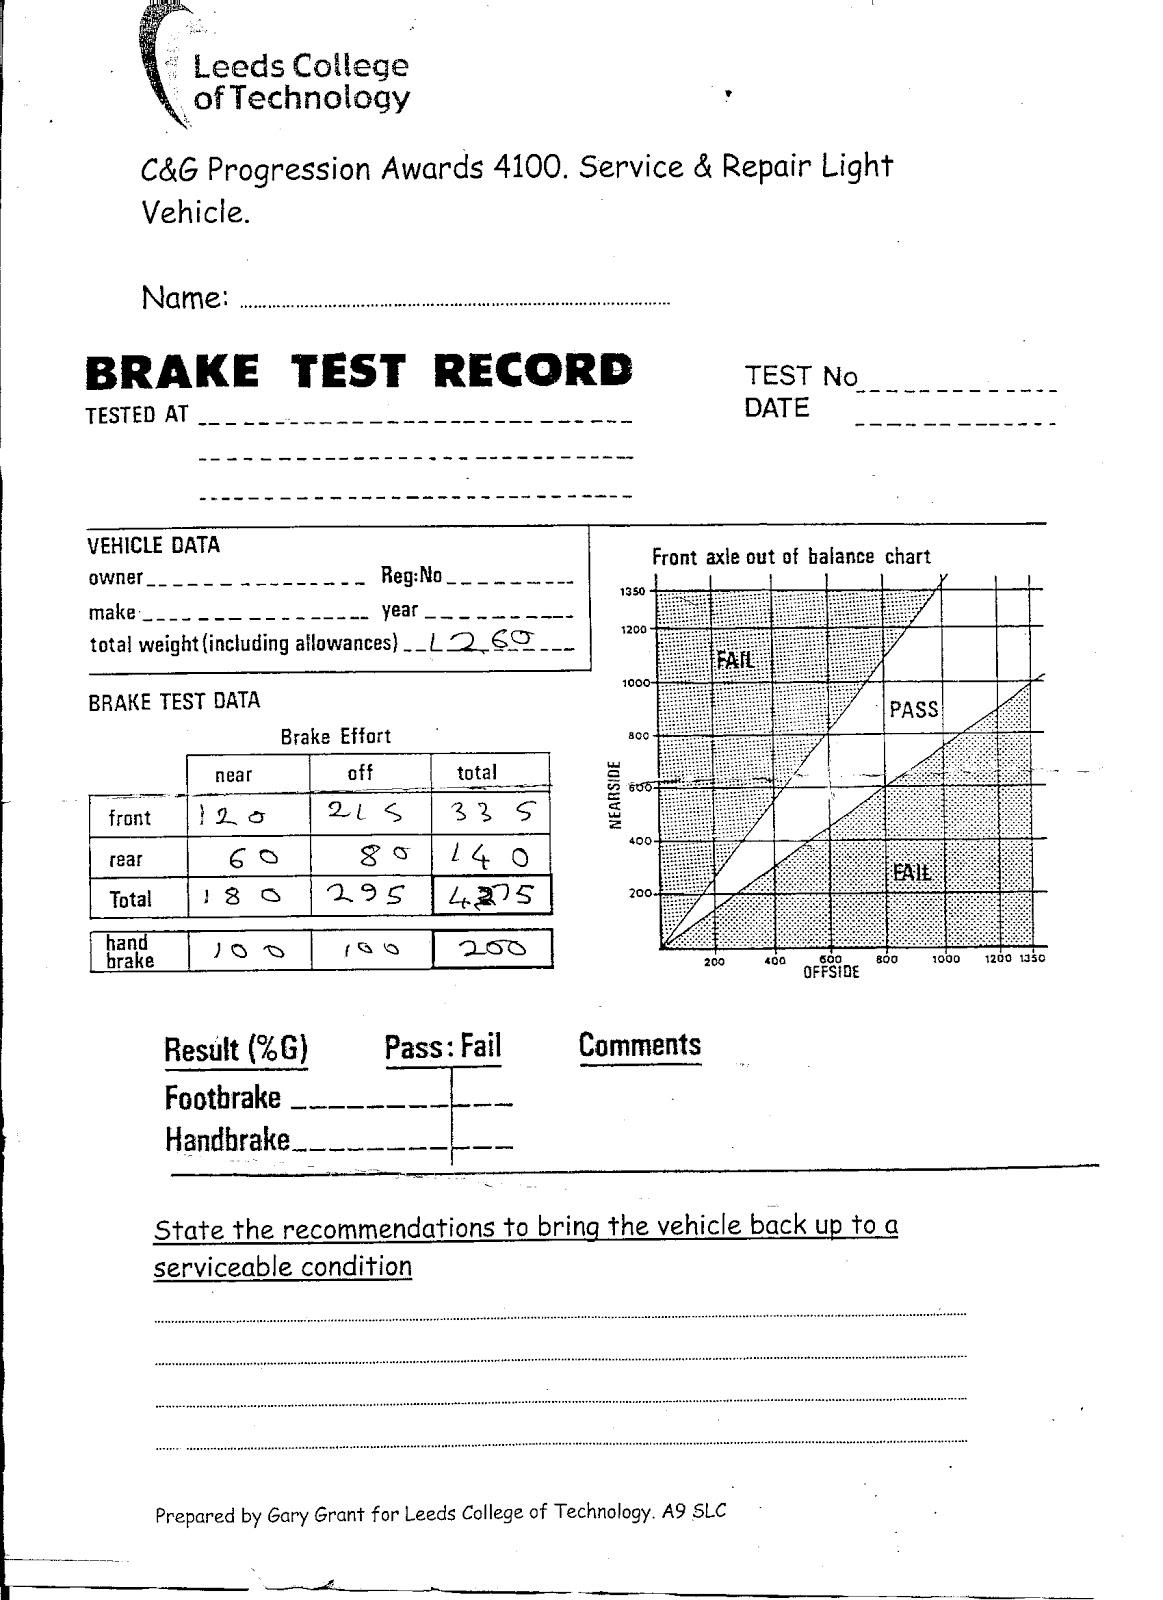 Brake test record sheet